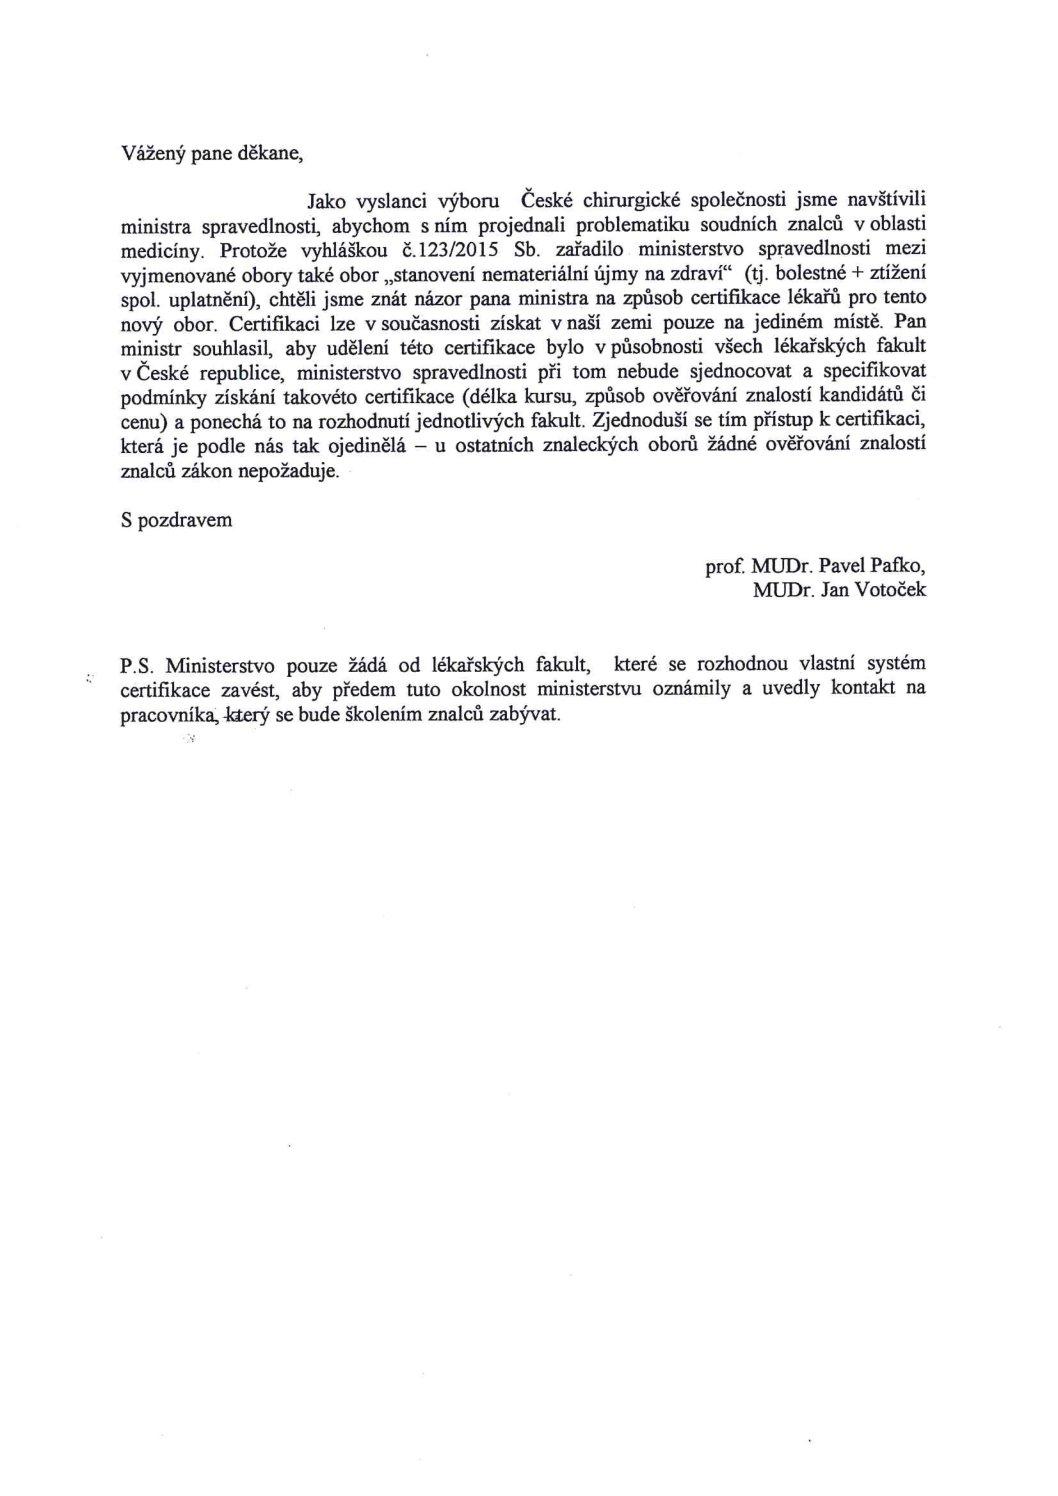 Dopis děkanům o problematice soudních znalců (2.3.2016)